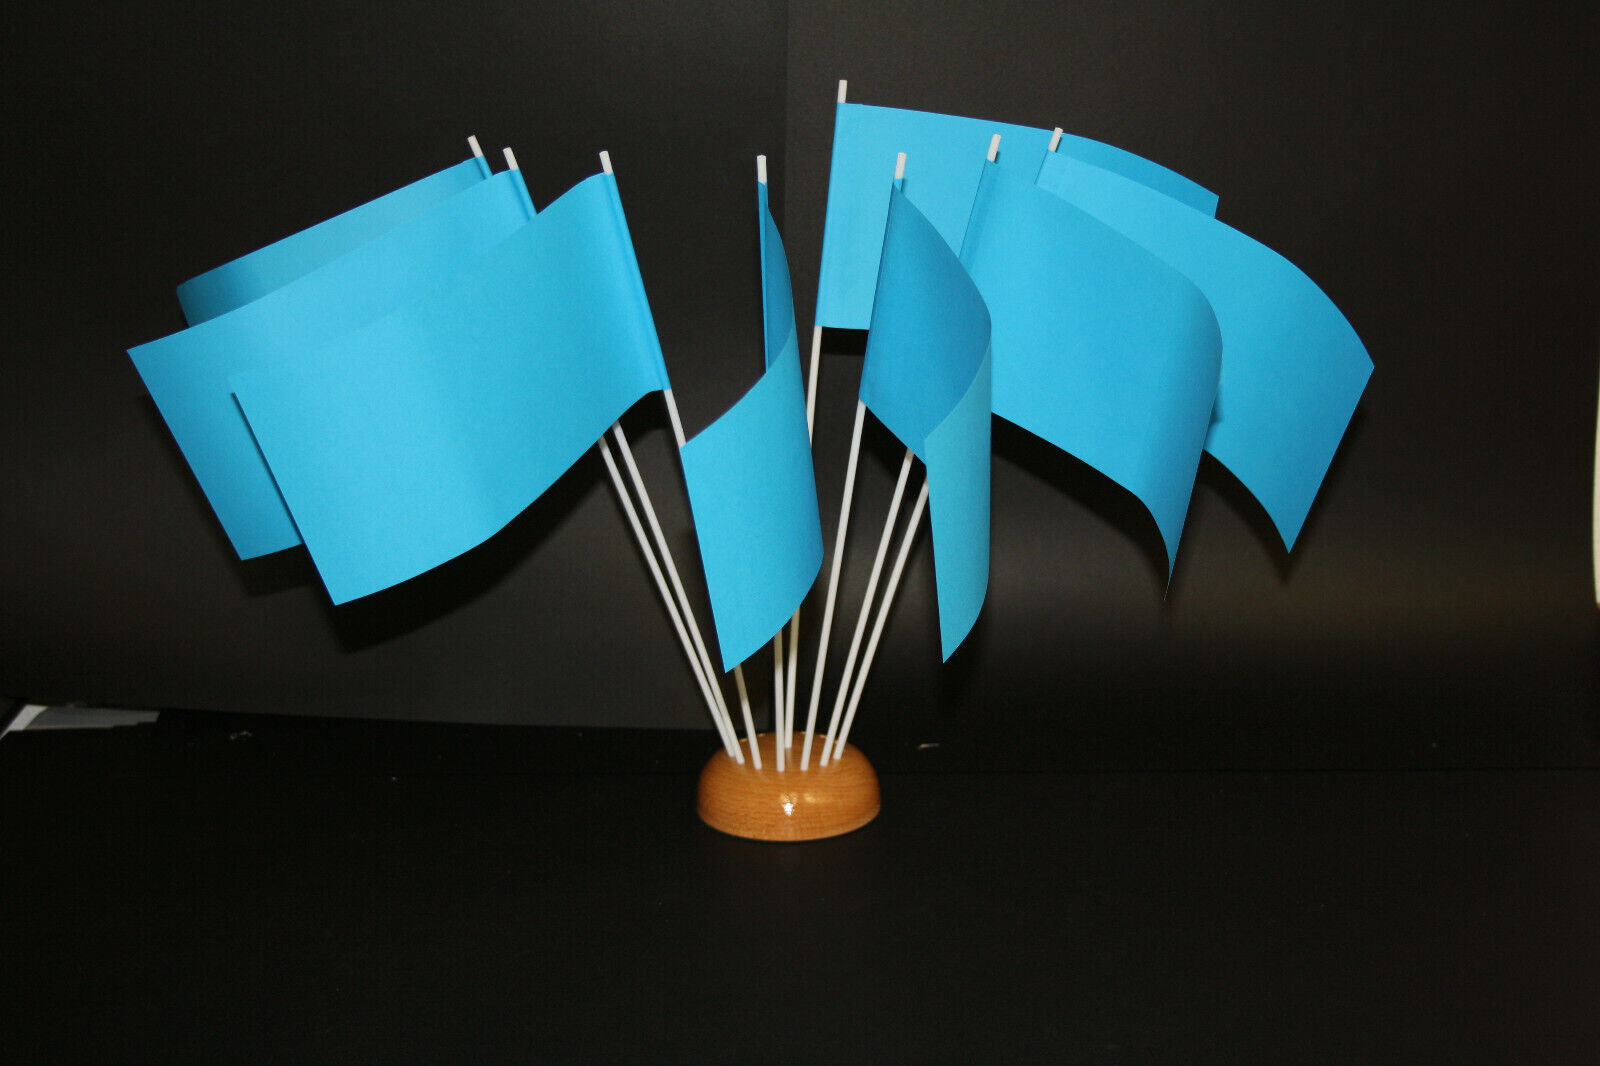 Papierfähnchen/Papierfahnen blau - zum Selbstgestalten geeignet